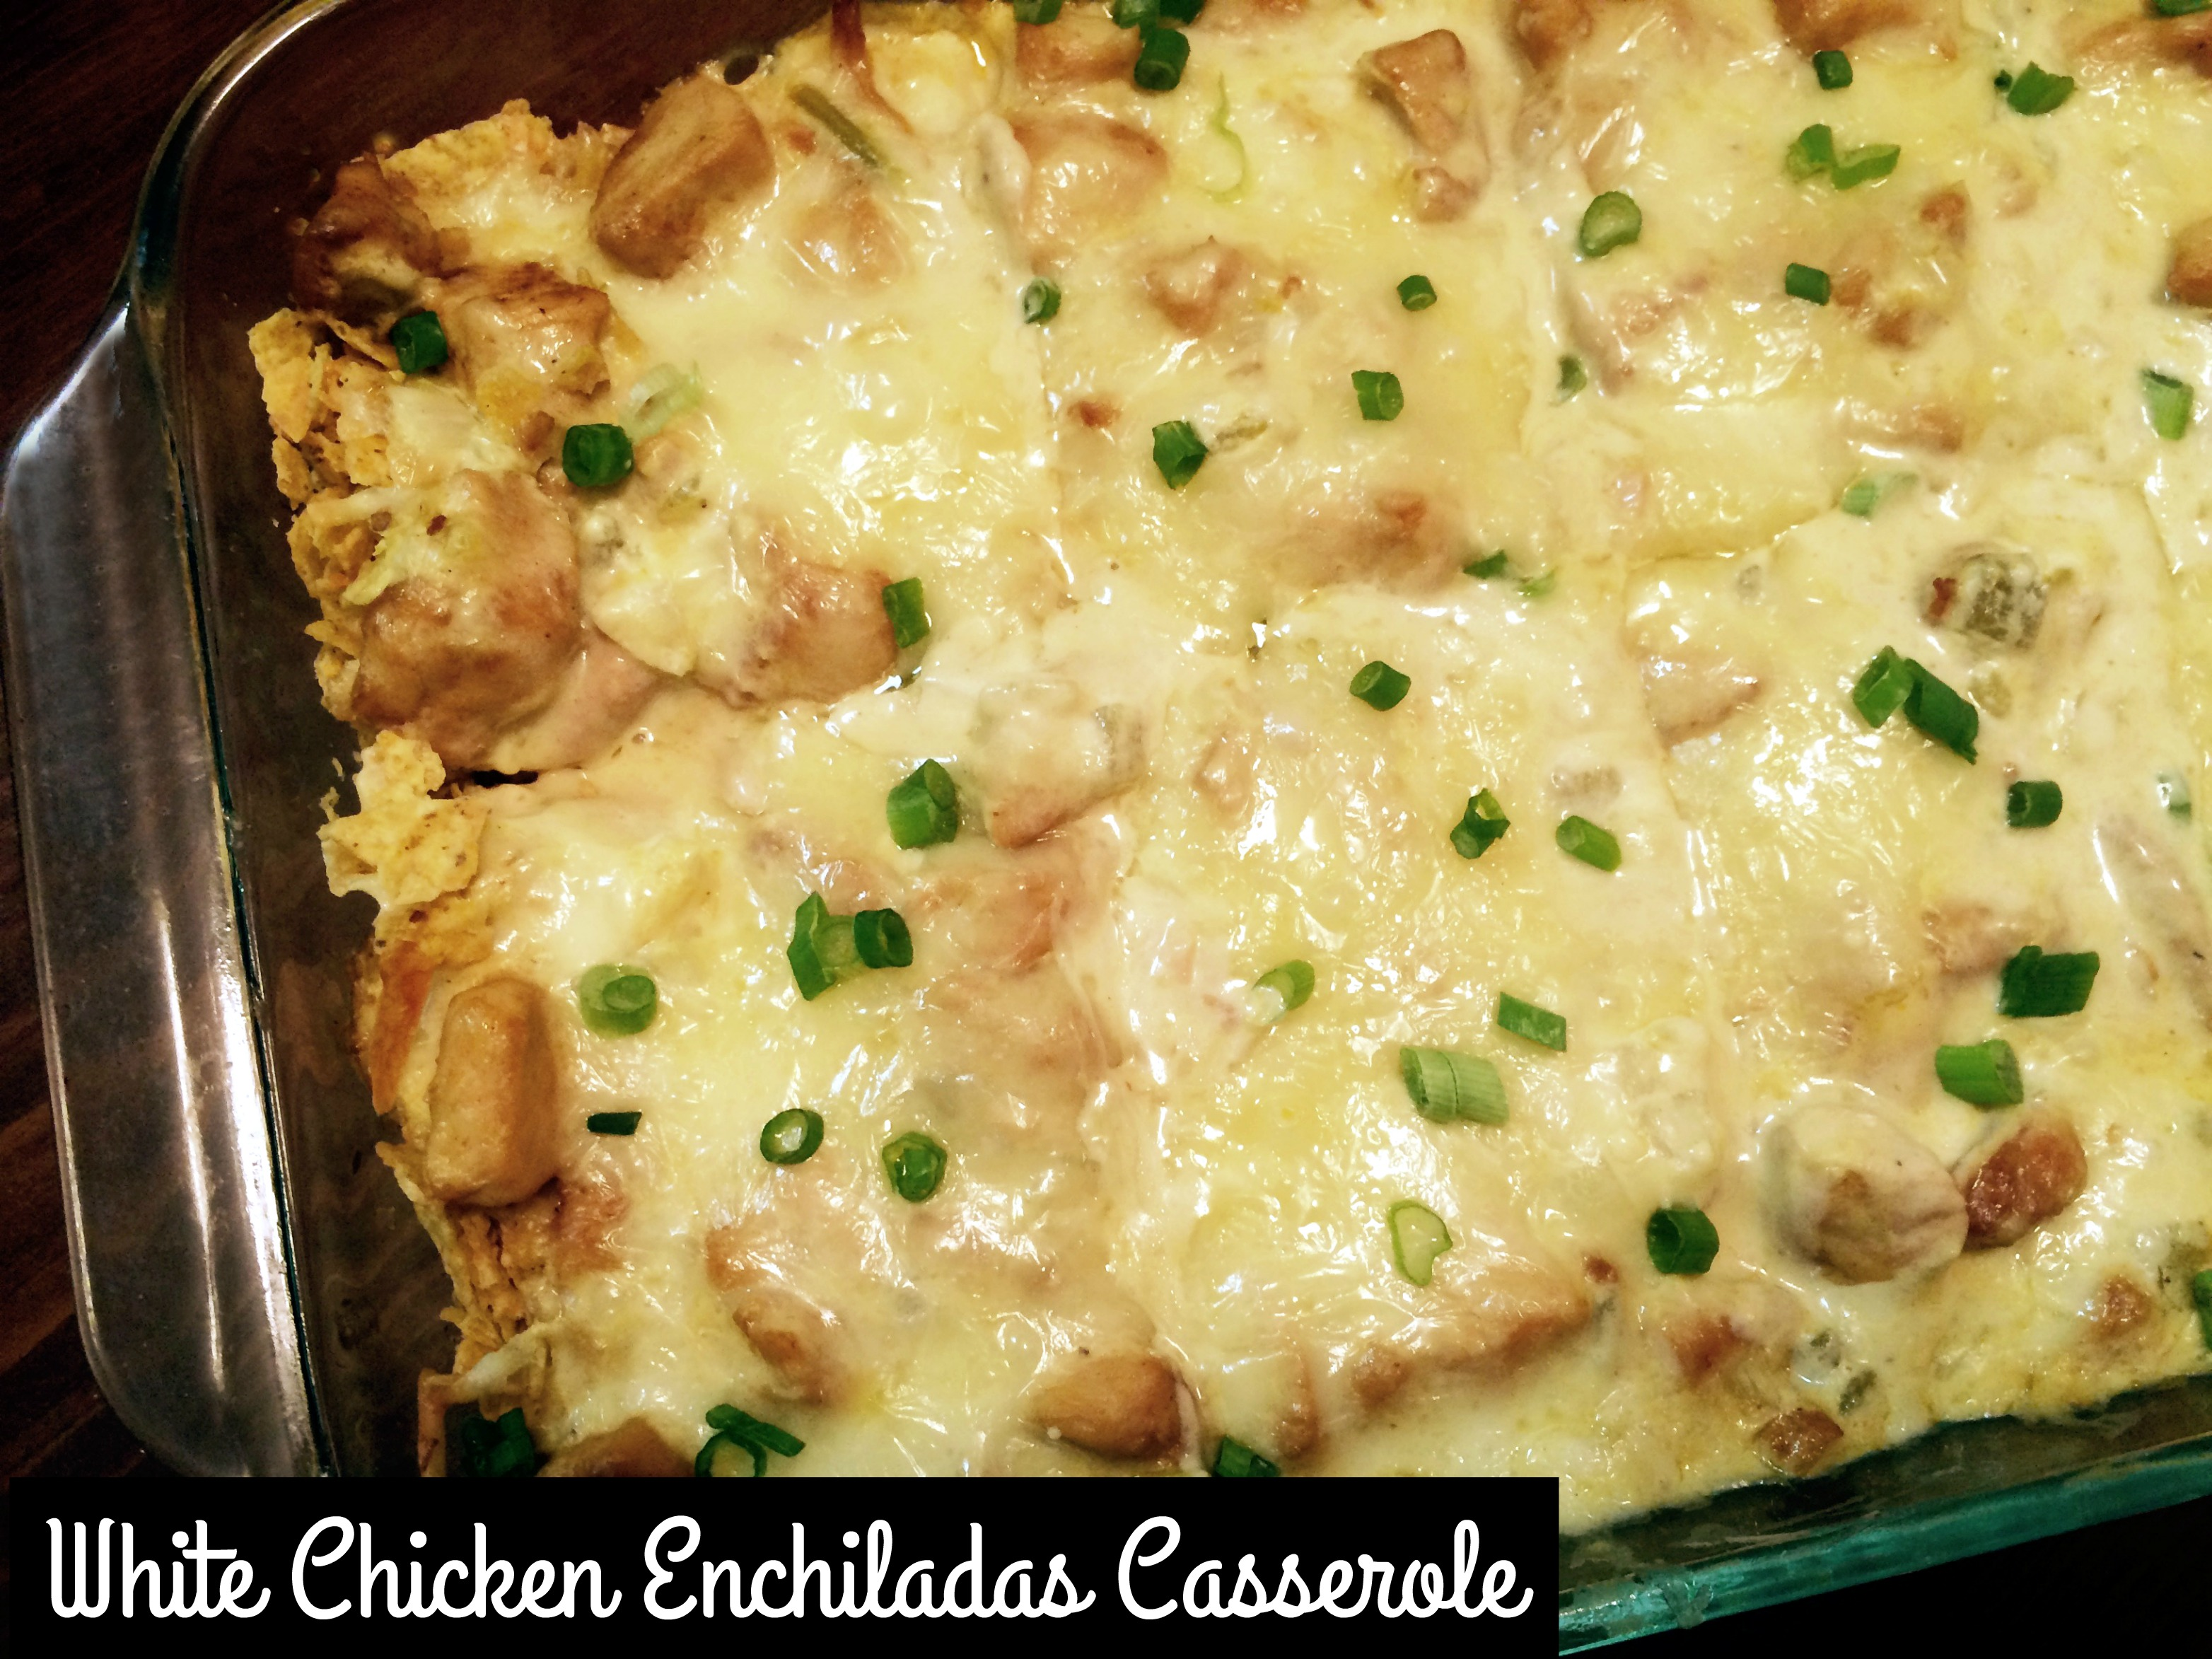 White Chicken Enchiladas Casserole - Aunt Bee's Recipes